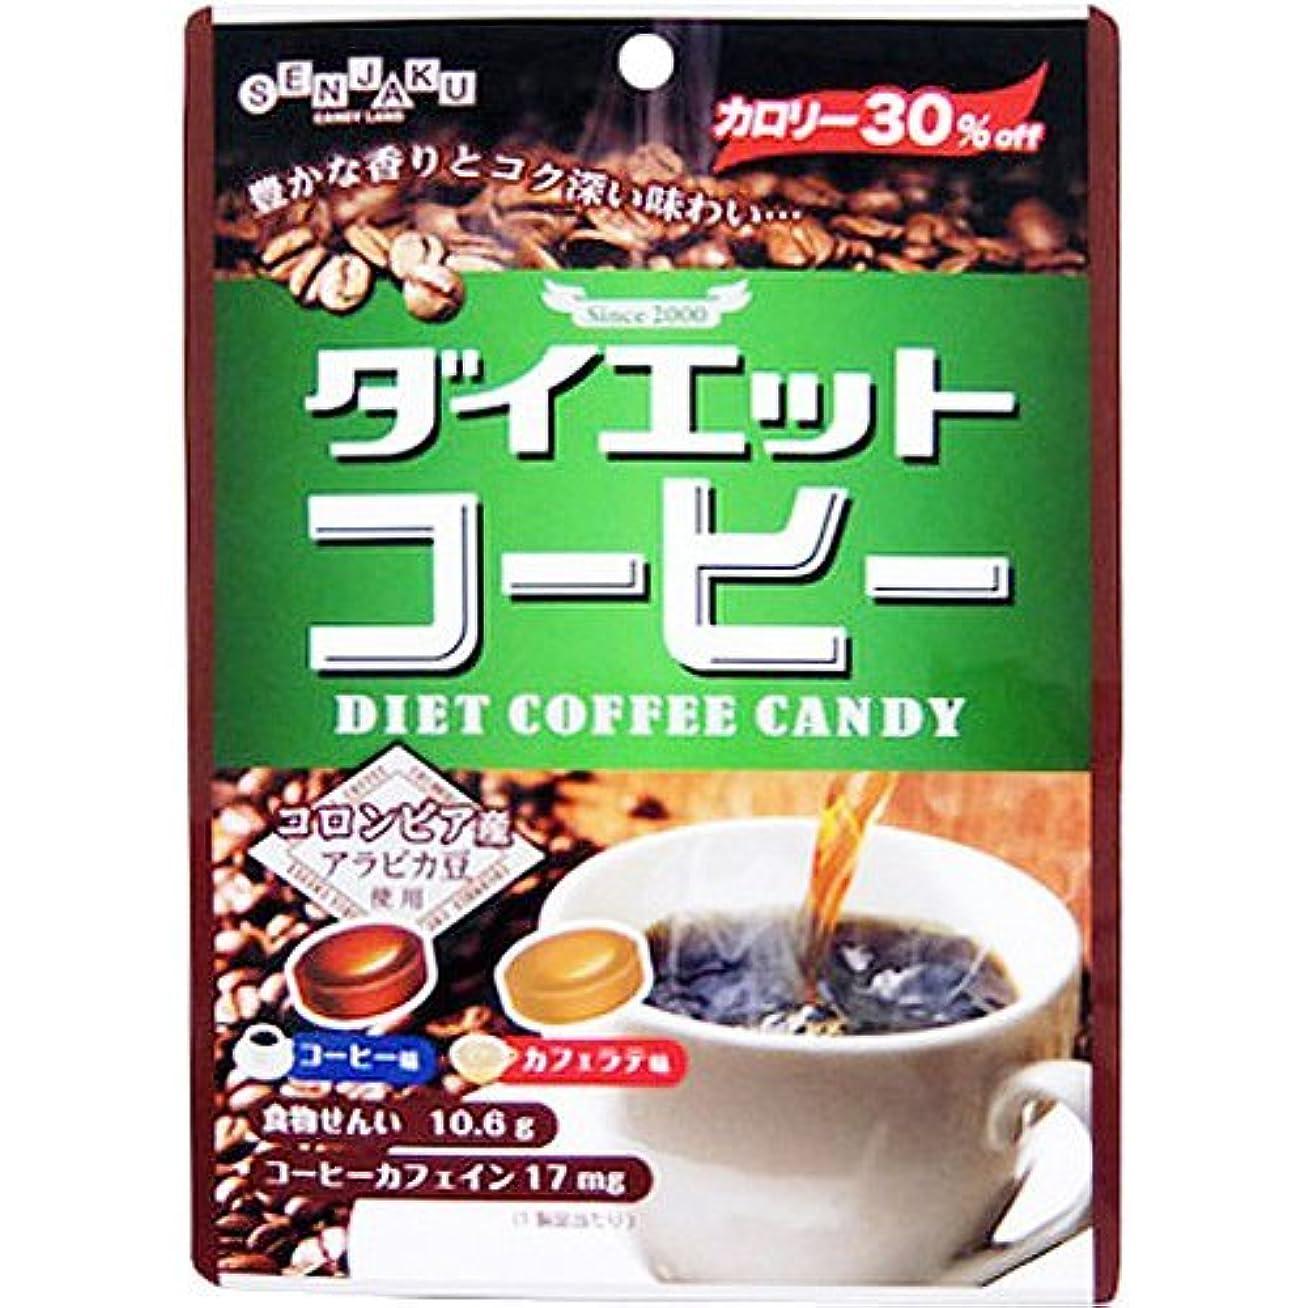 助言する雰囲気絶滅した扇雀飴本舗 ダイエットコーヒー 80g